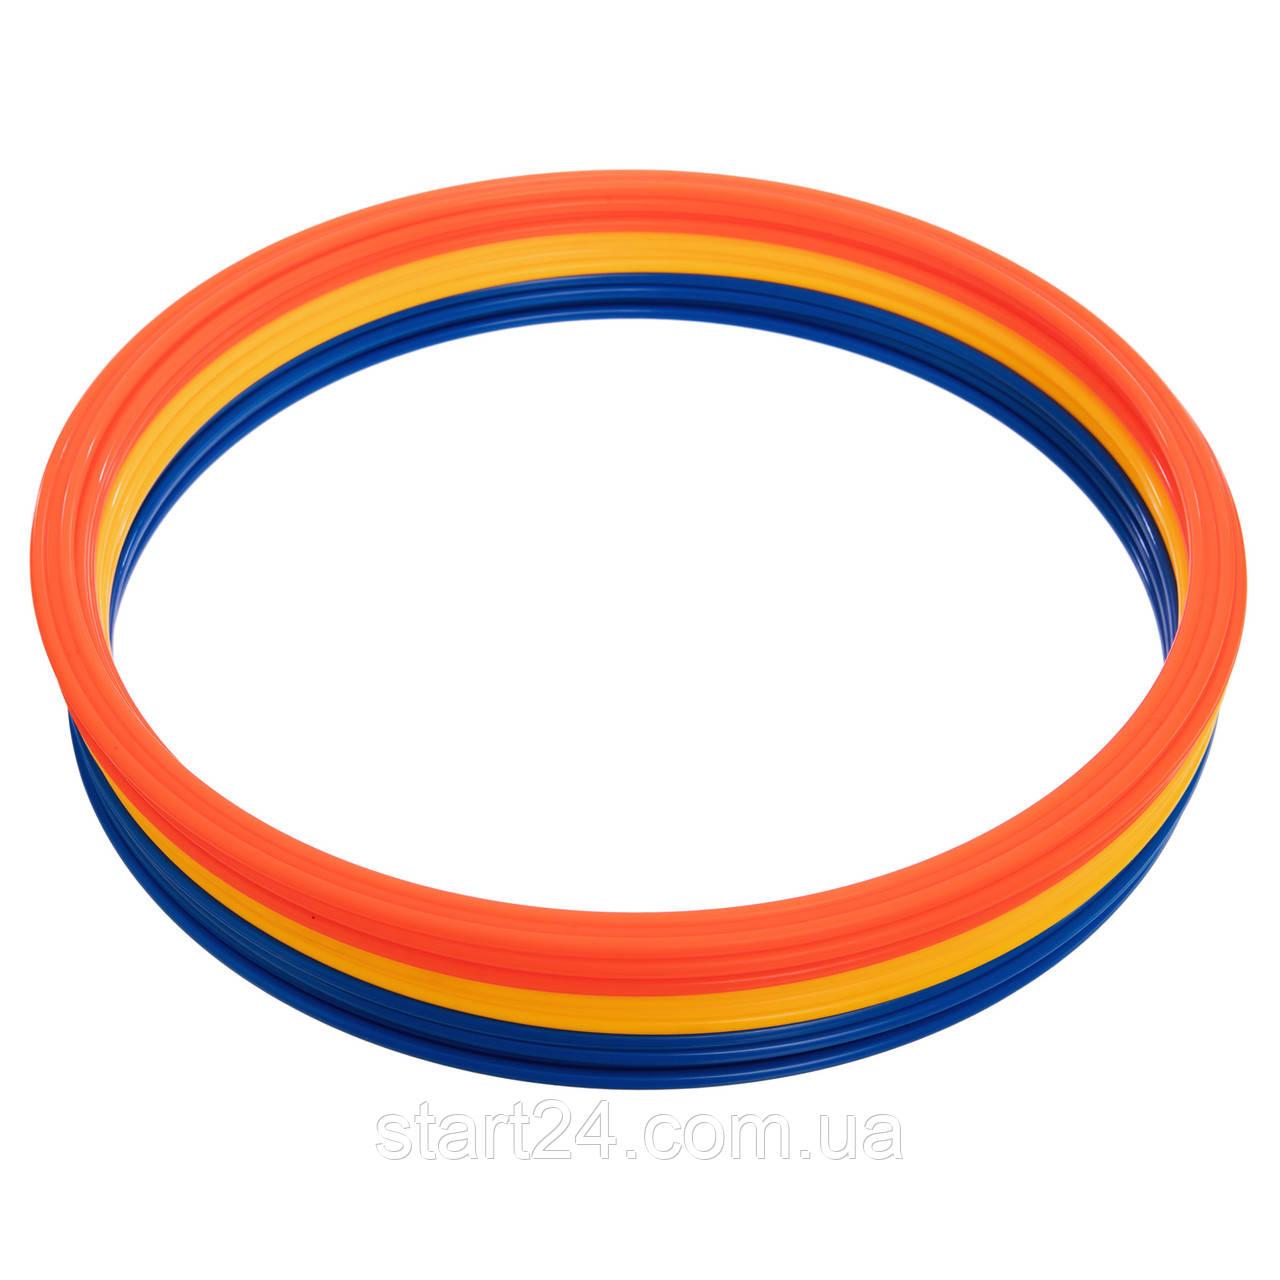 Кільця тренувальні C-4602-40 (пластик, d-40см, в комплекті 12шт., кольори в асортименті)